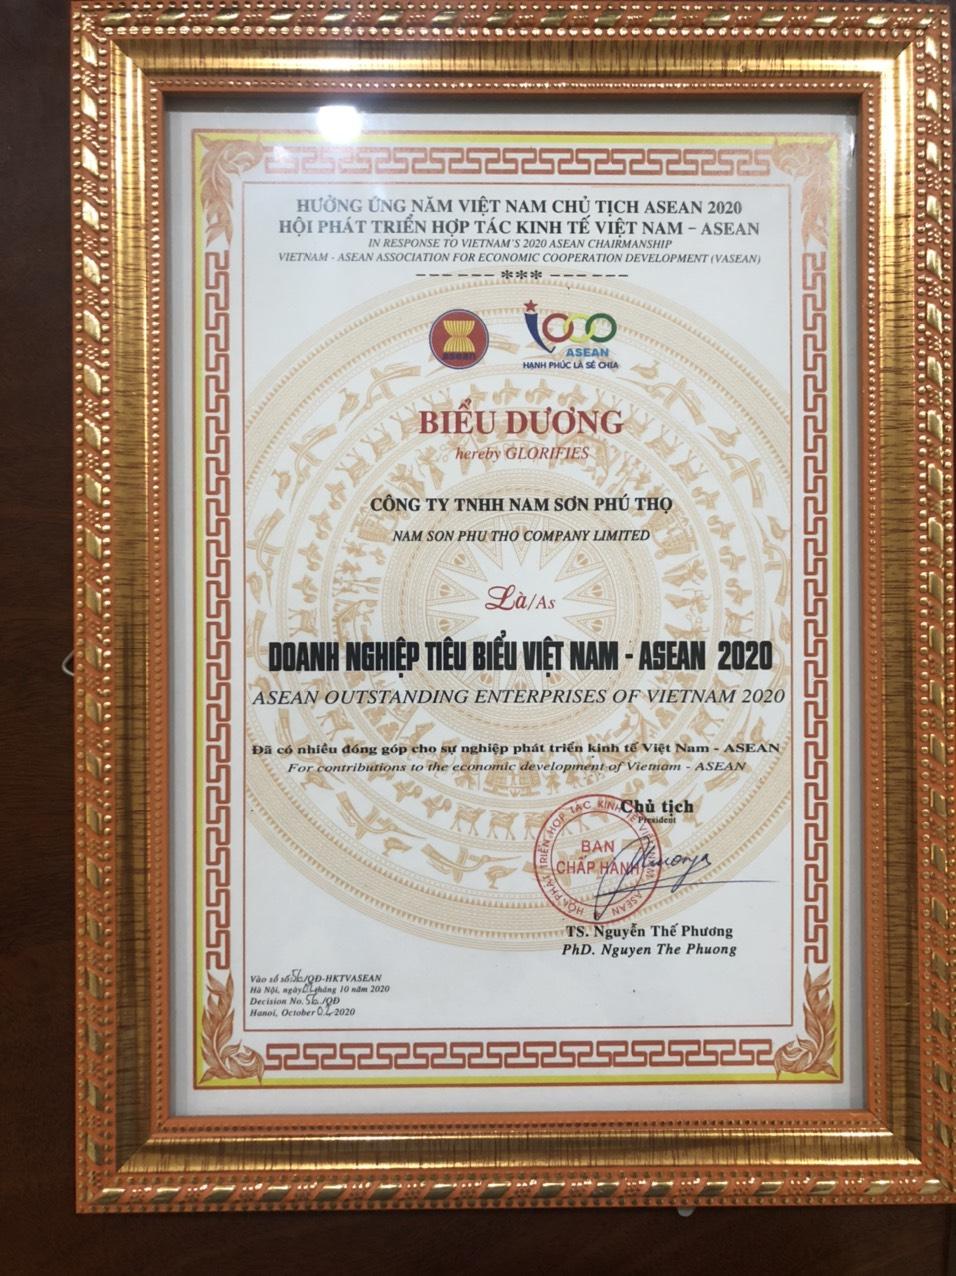 (Công ty TNHH Nam Sơn Phú Thọ nhận bằng khen Doanh nghiệp tiêu biểu Việt Nam Asean 2020)